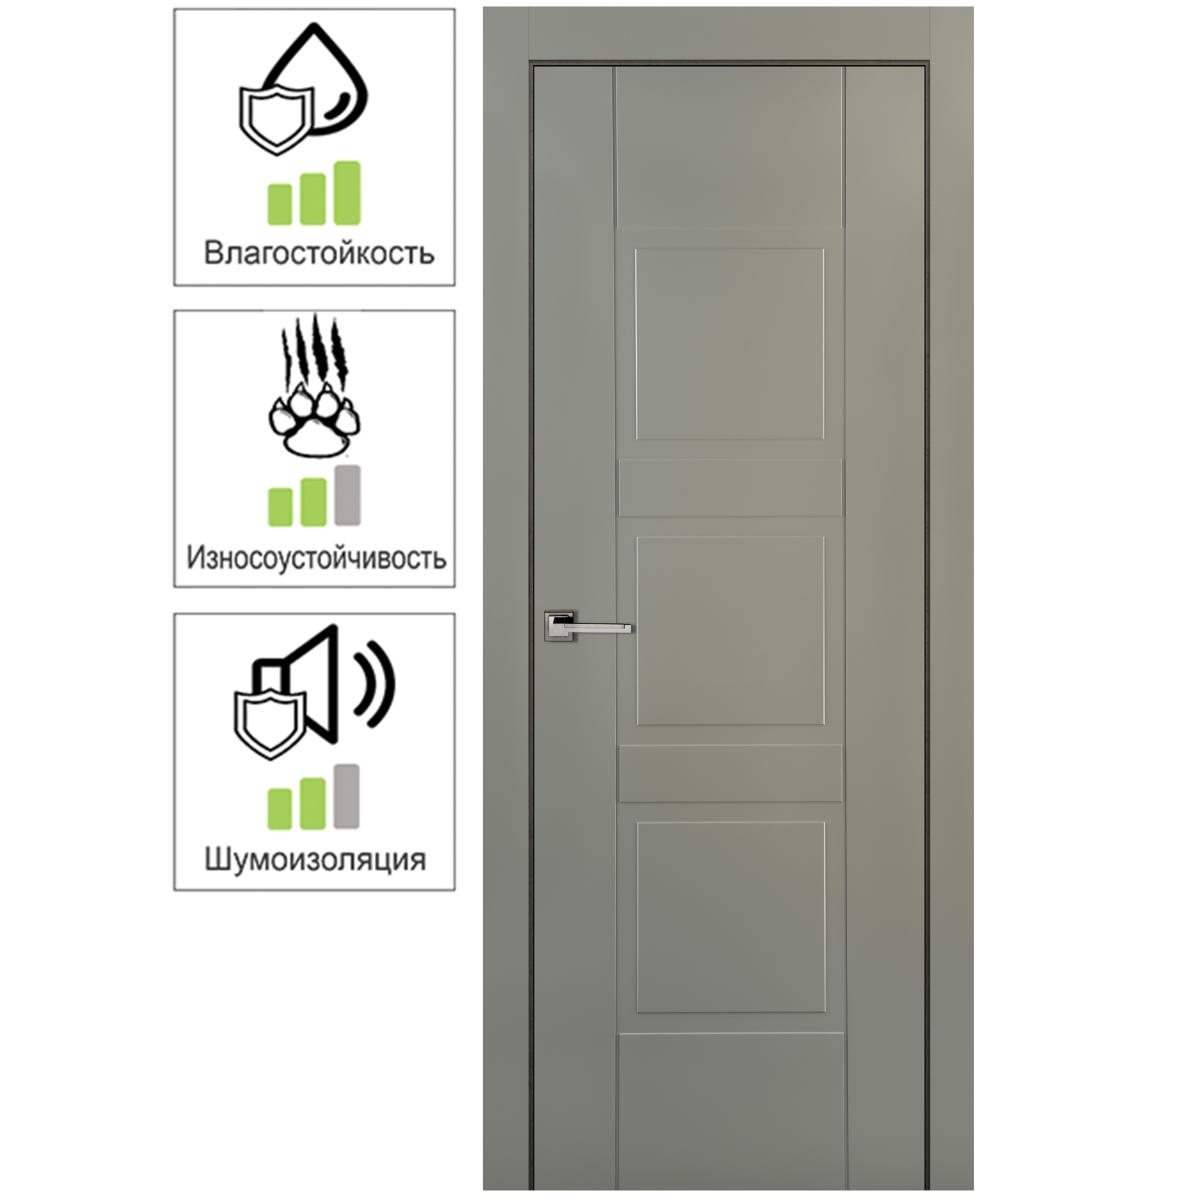 Дверь Межкомнатная Глухая С Замком В Комплекте Этна 70x200 Эмаль Цвет Грей